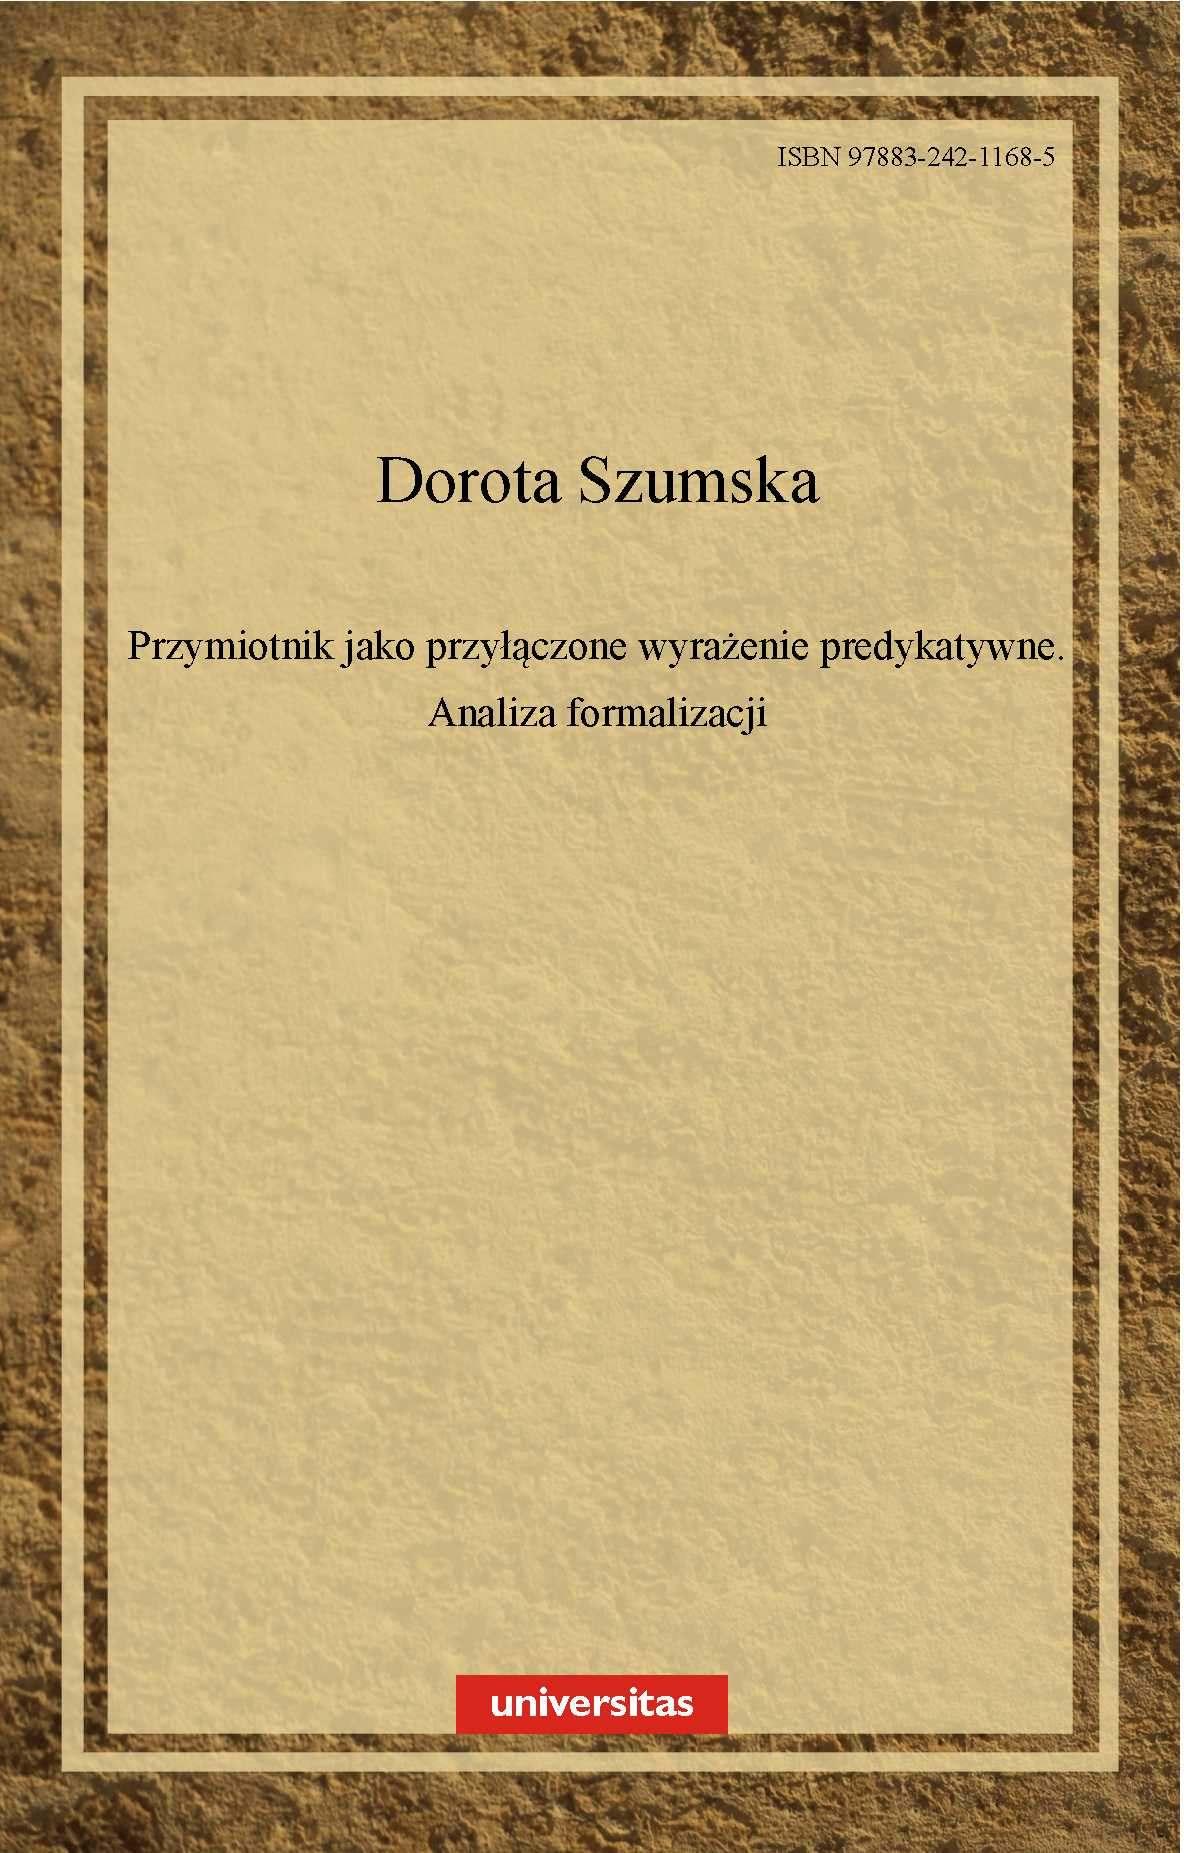 Przymiotnik jako przyłączone wyrażenie predykatywne - Ebook (Książka PDF) do pobrania w formacie PDF